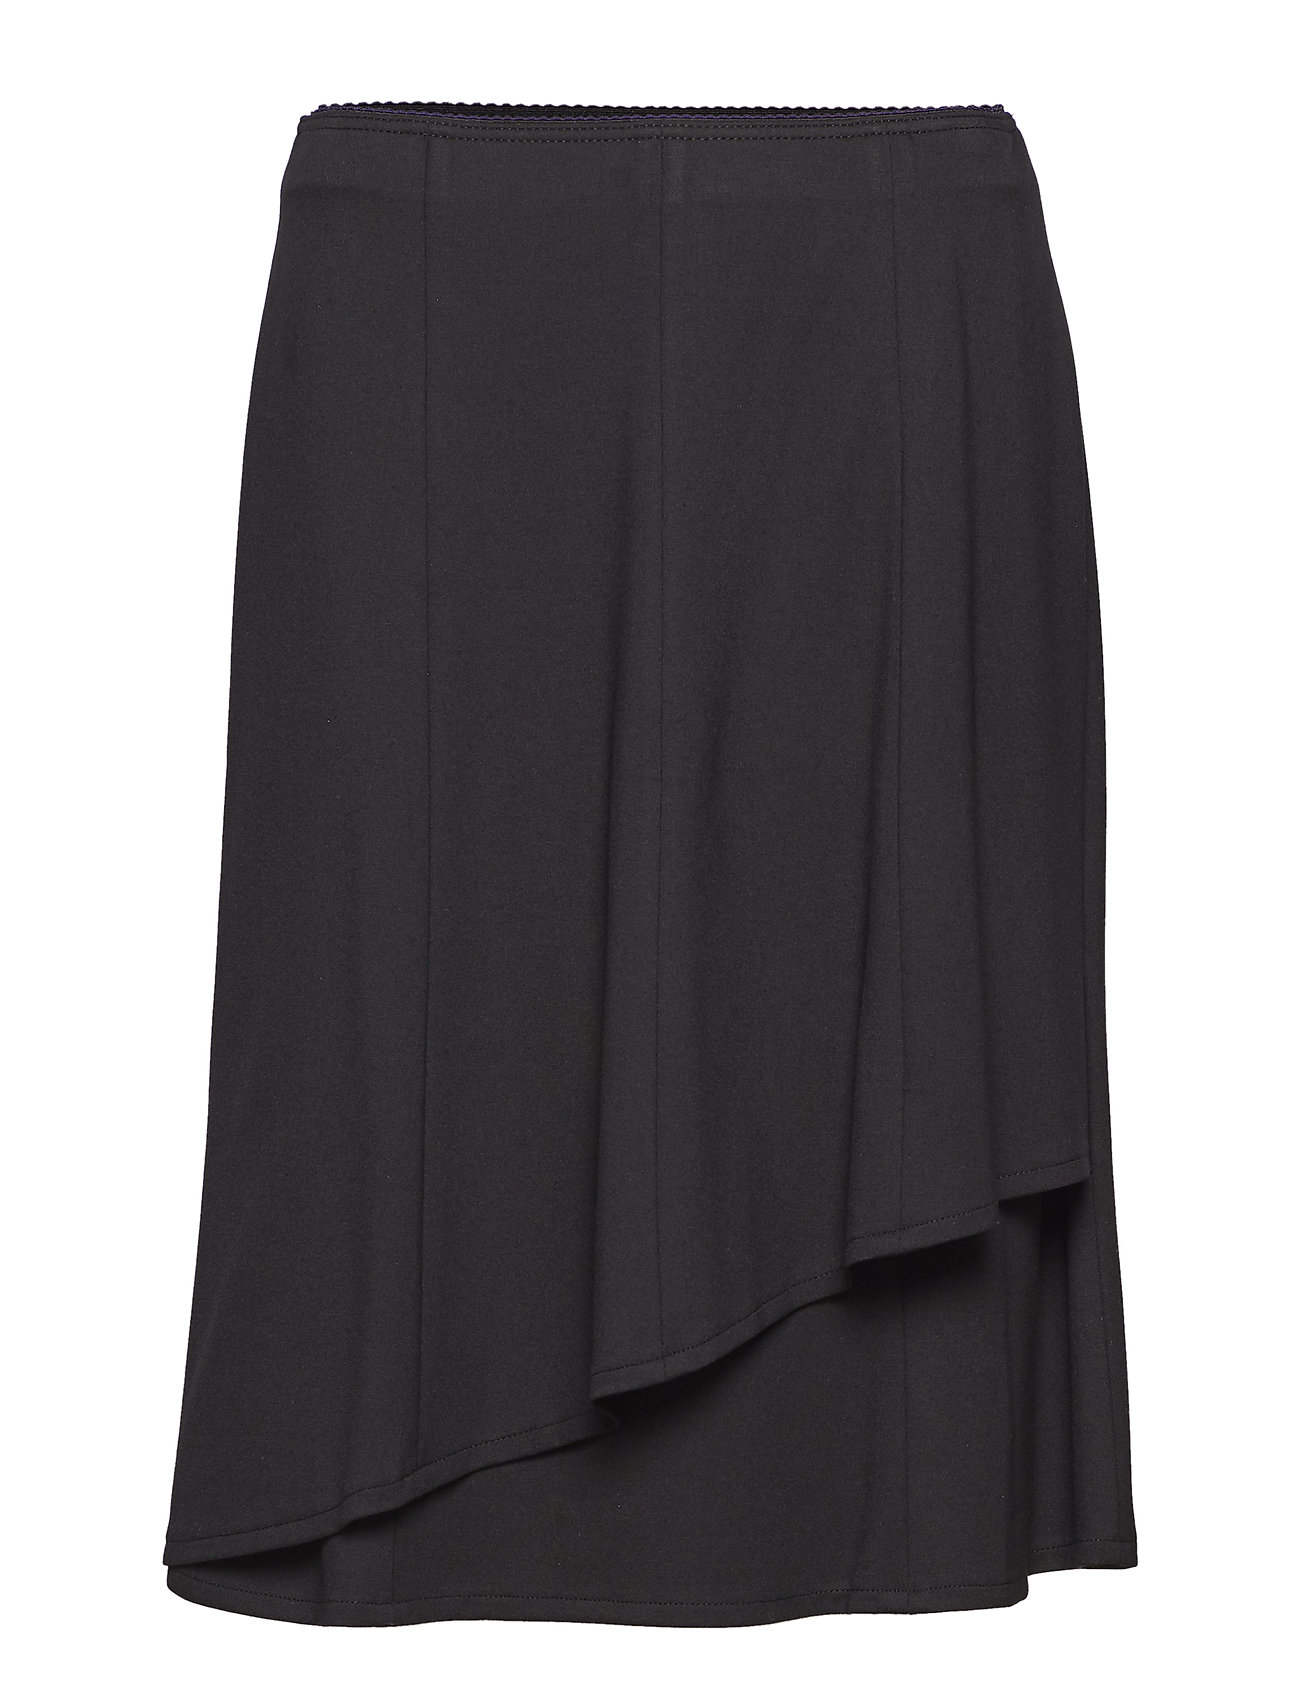 Skirt Short Woven Fa - Gerry Weber Edition